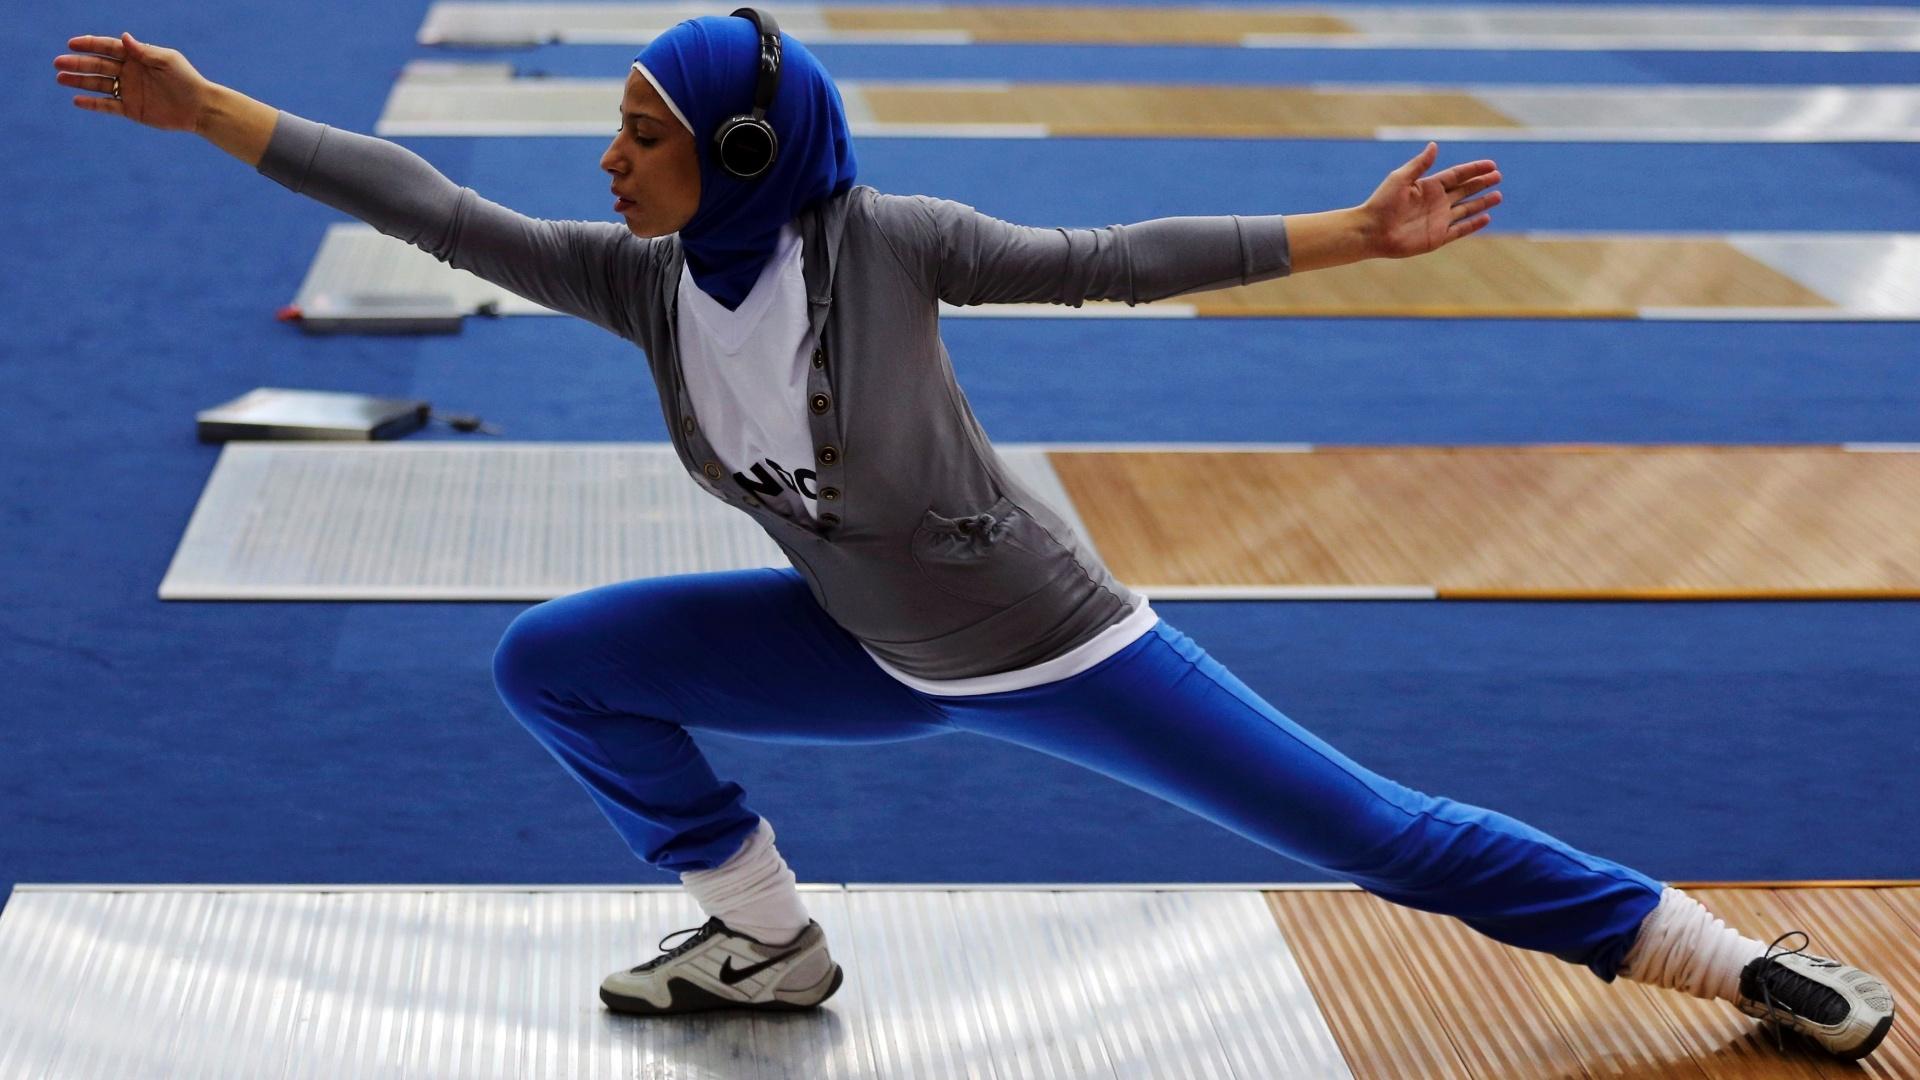 Eman Gaber, esgrimista do Egito, faz alongamento antes de treino